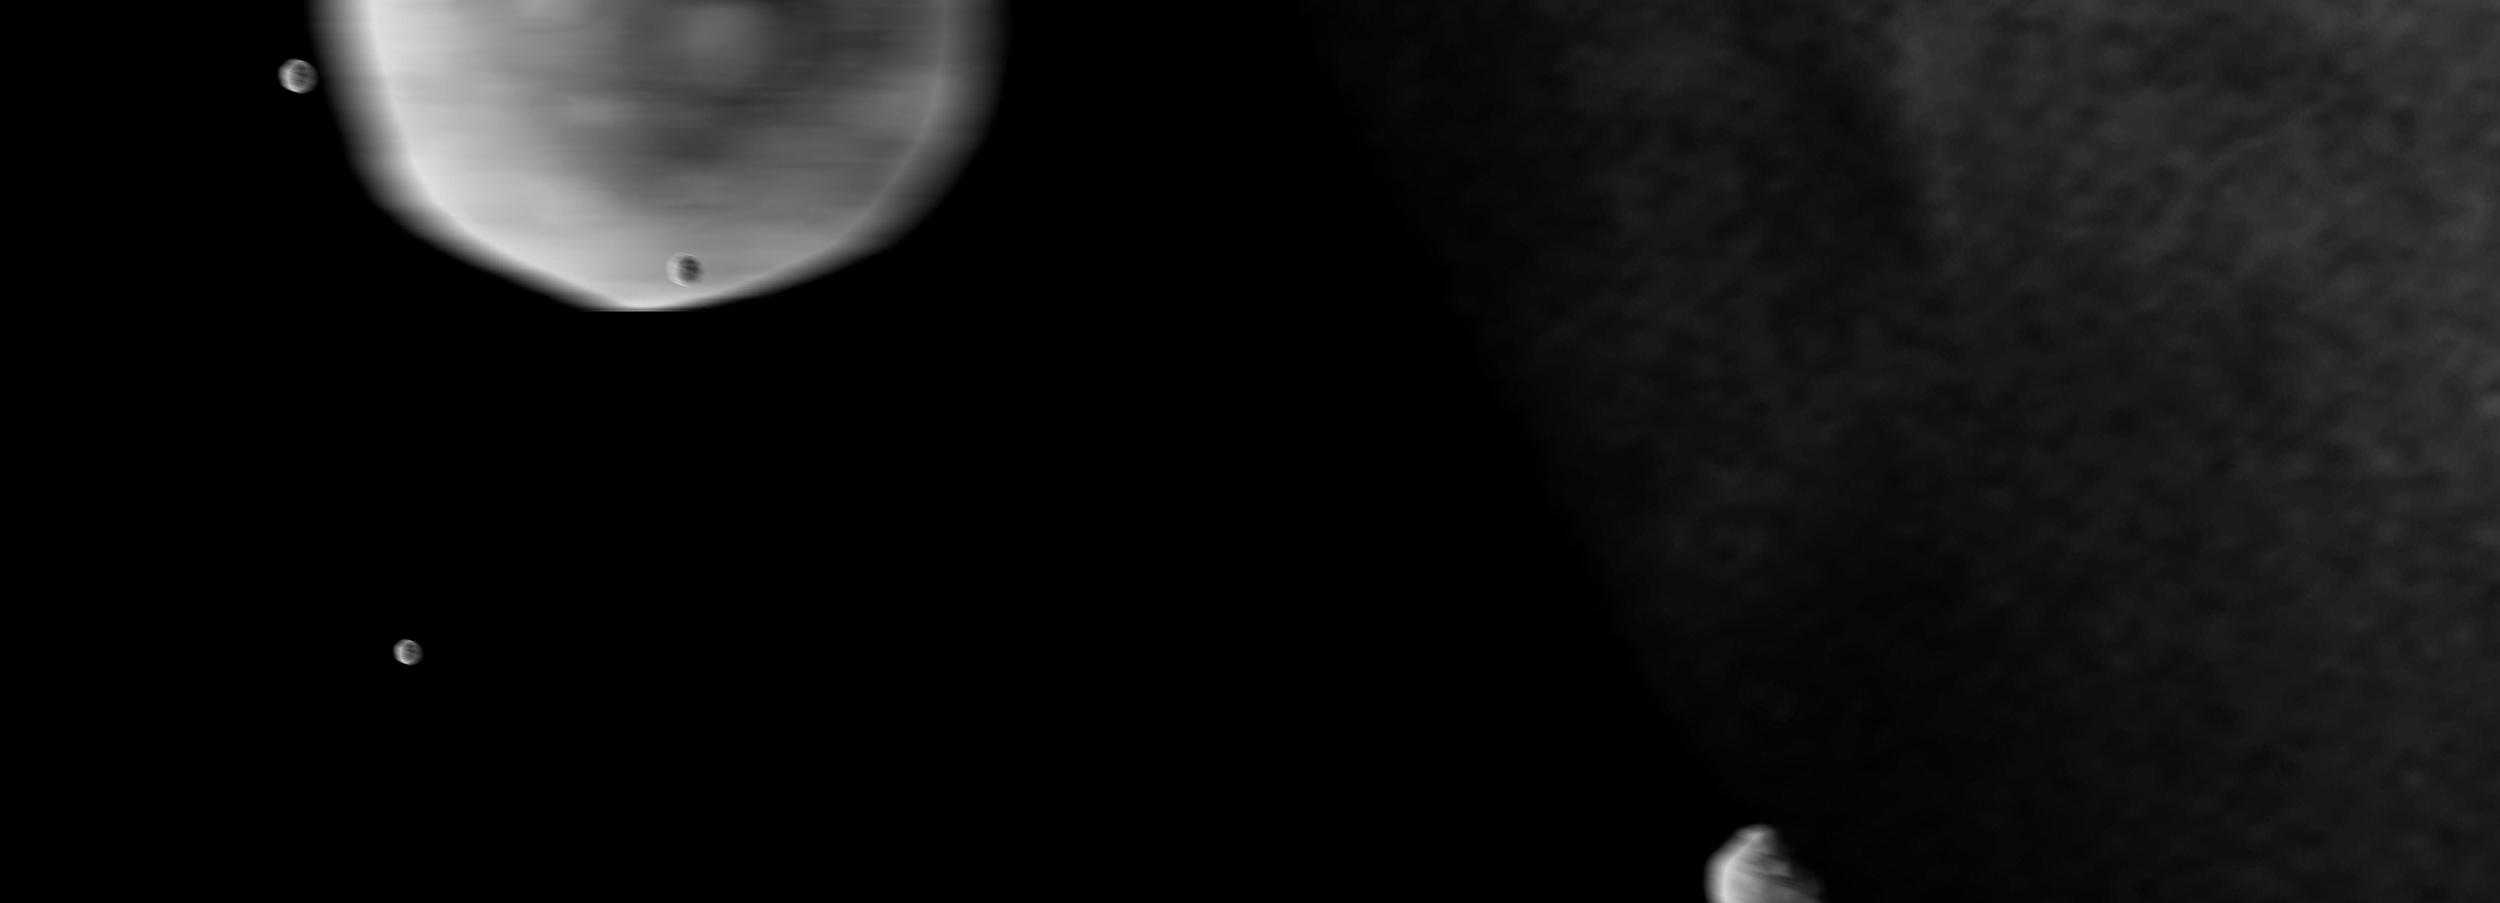 MARS18.jpg